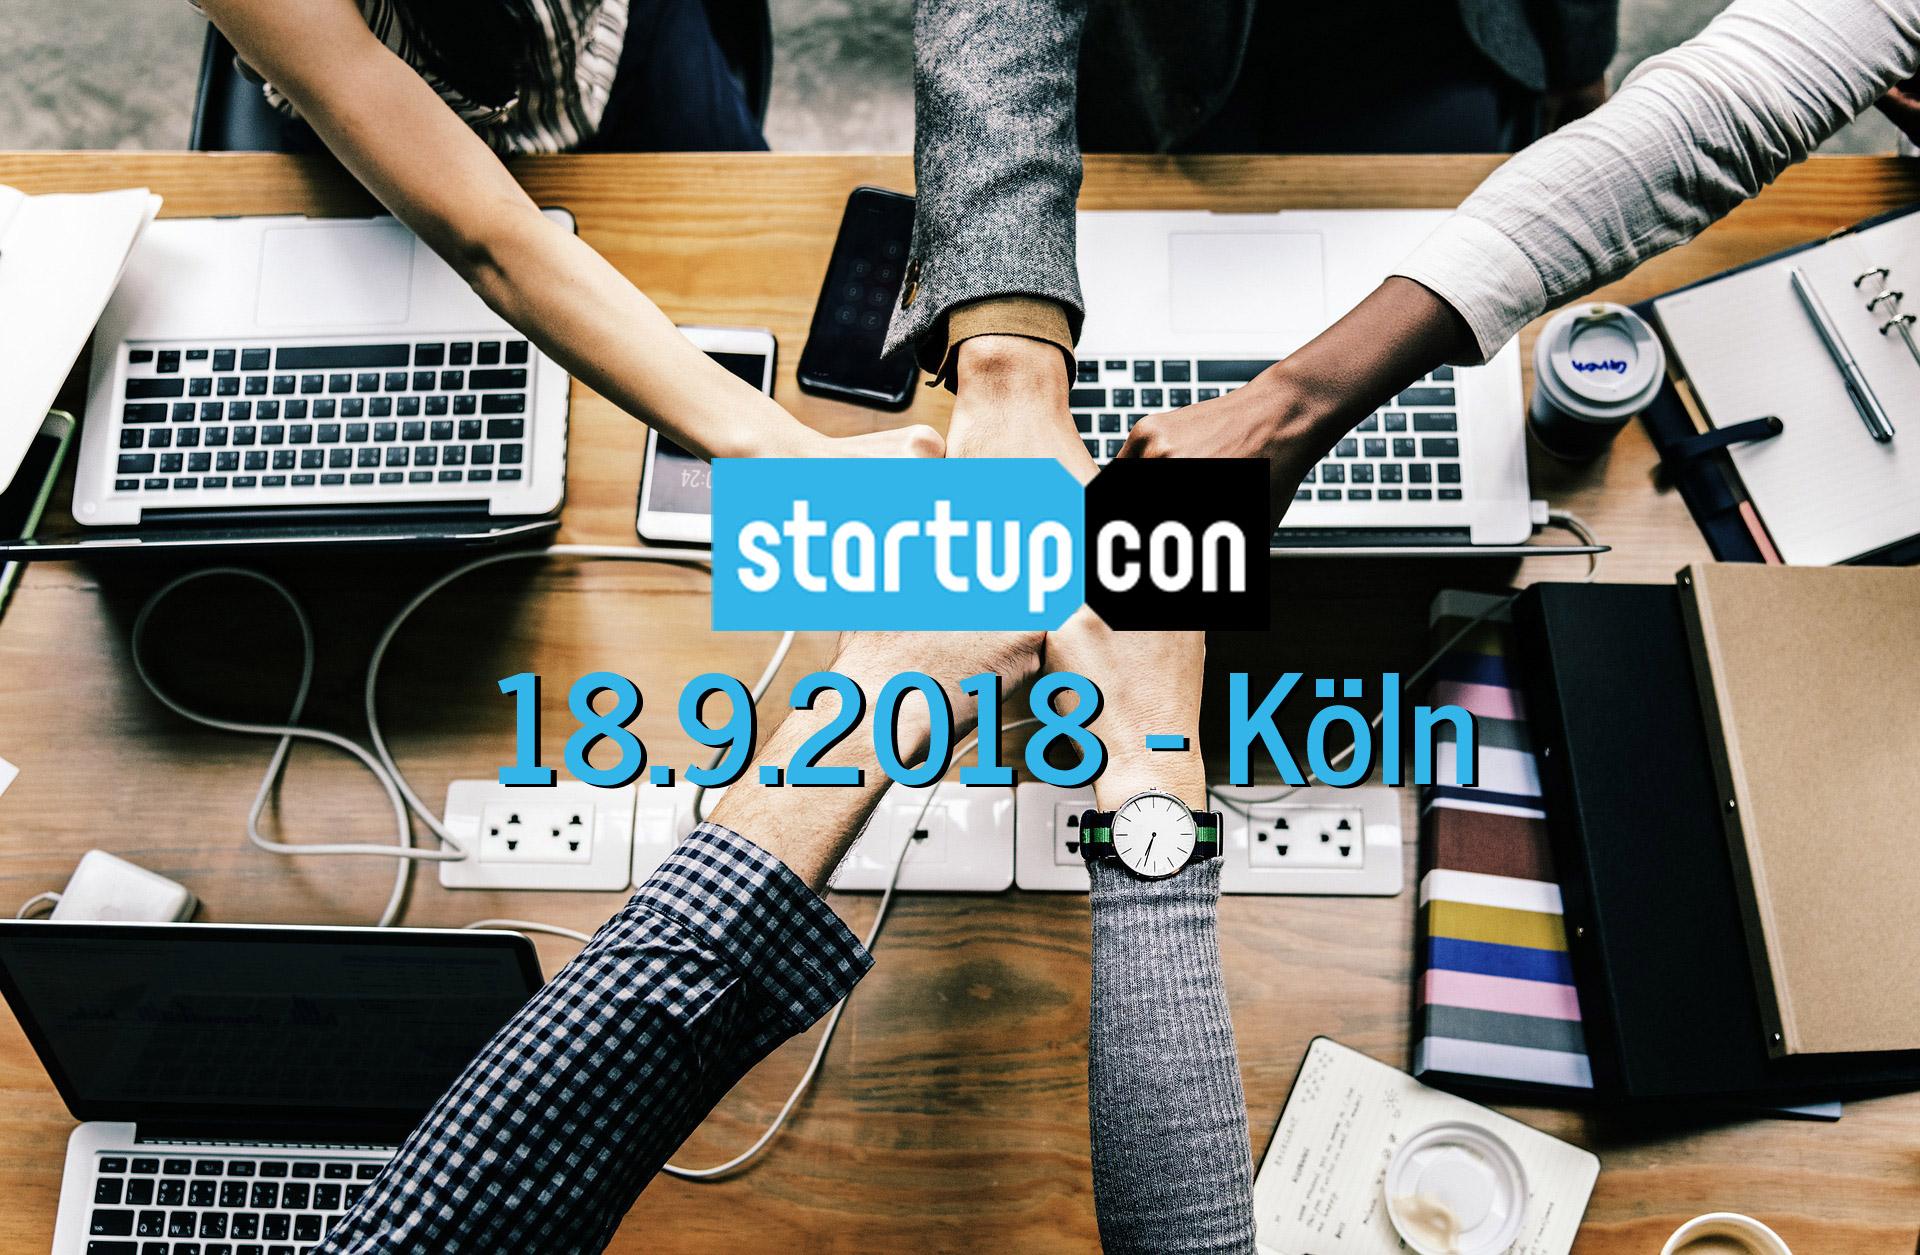 Innovation Summit und Deutschlands größte Startup Konferenz StartupCon 2018 - 18. Sept. Köln